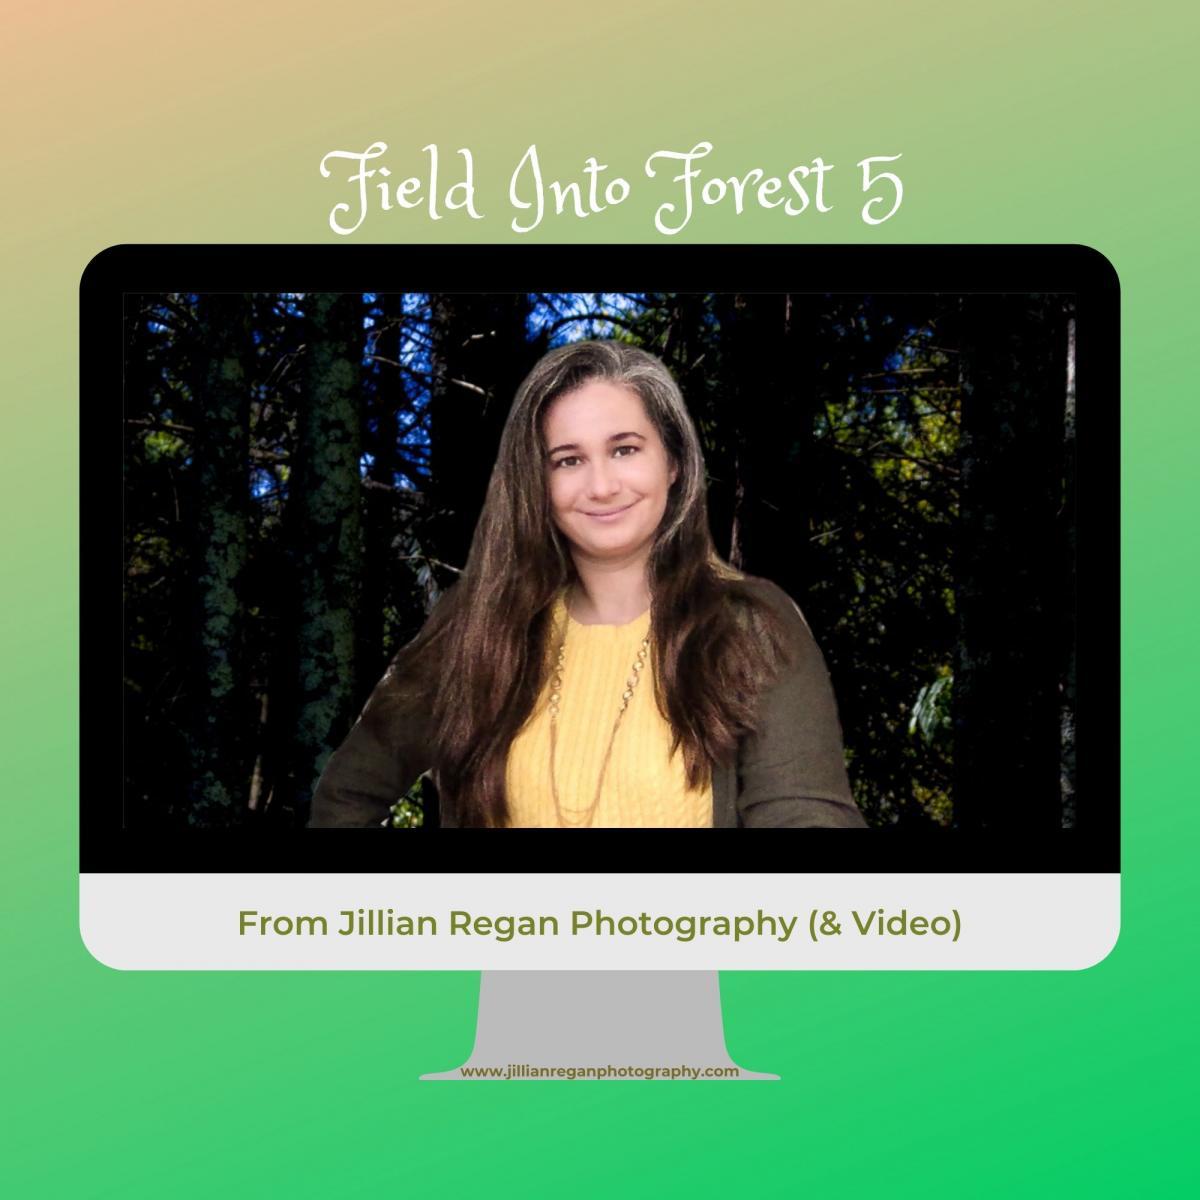 FieldIntoForest5